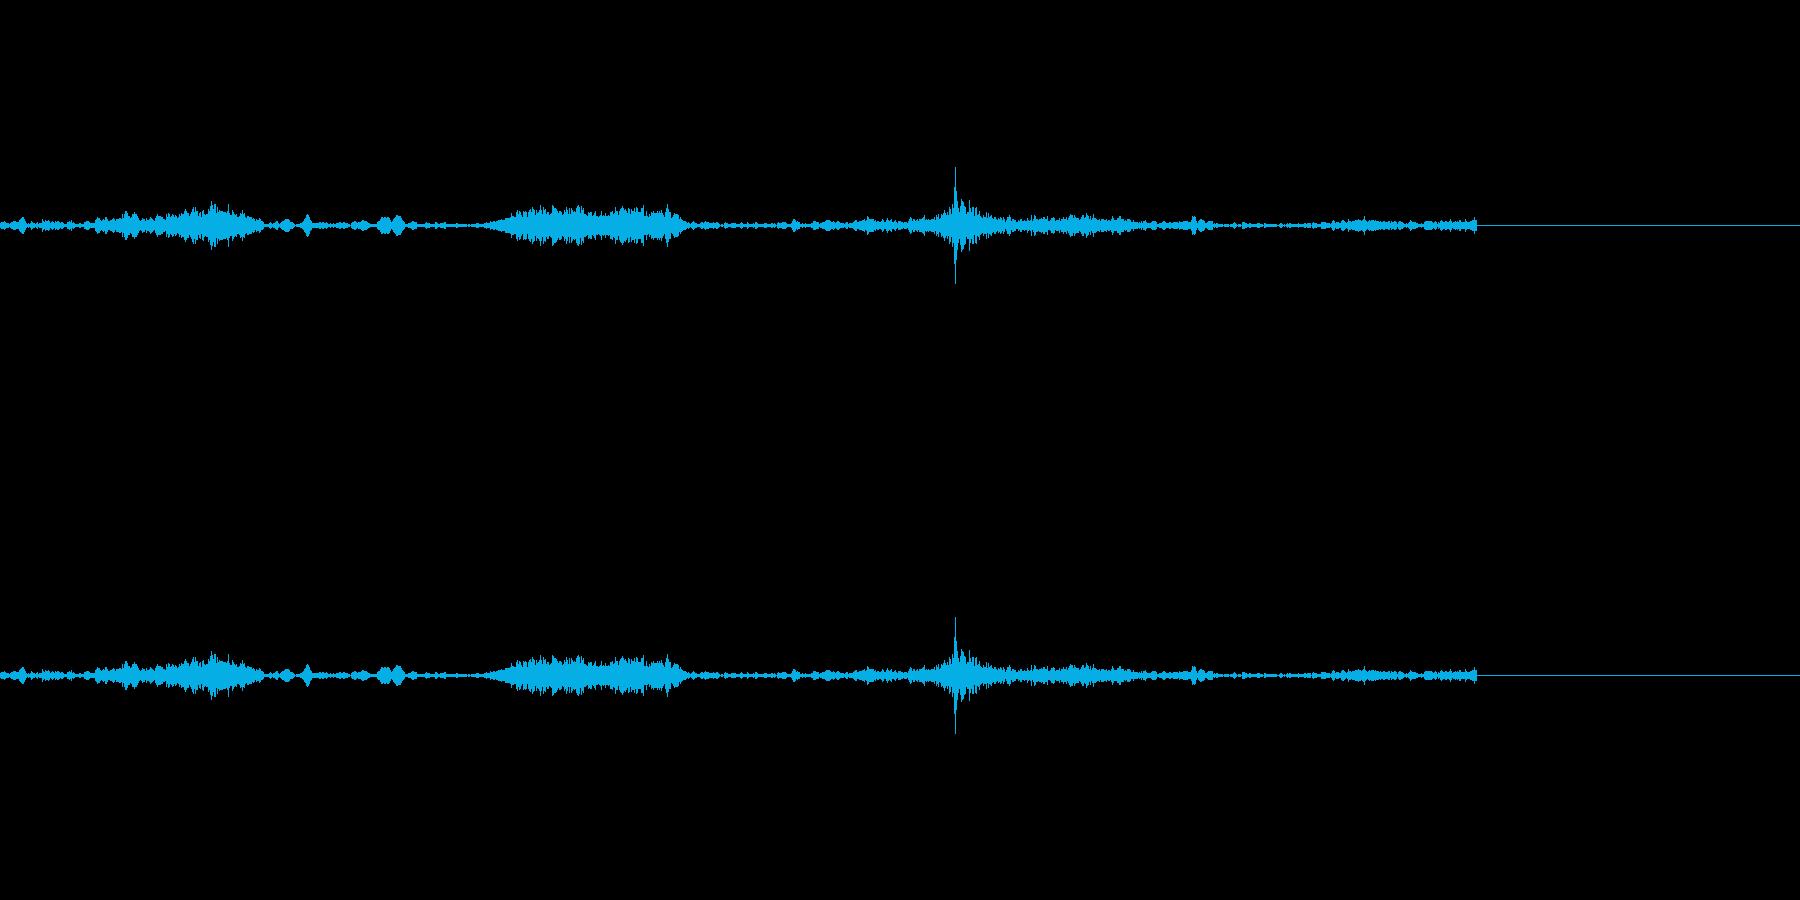 スーッ、スーッ・・・(徐々に開ける音の再生済みの波形